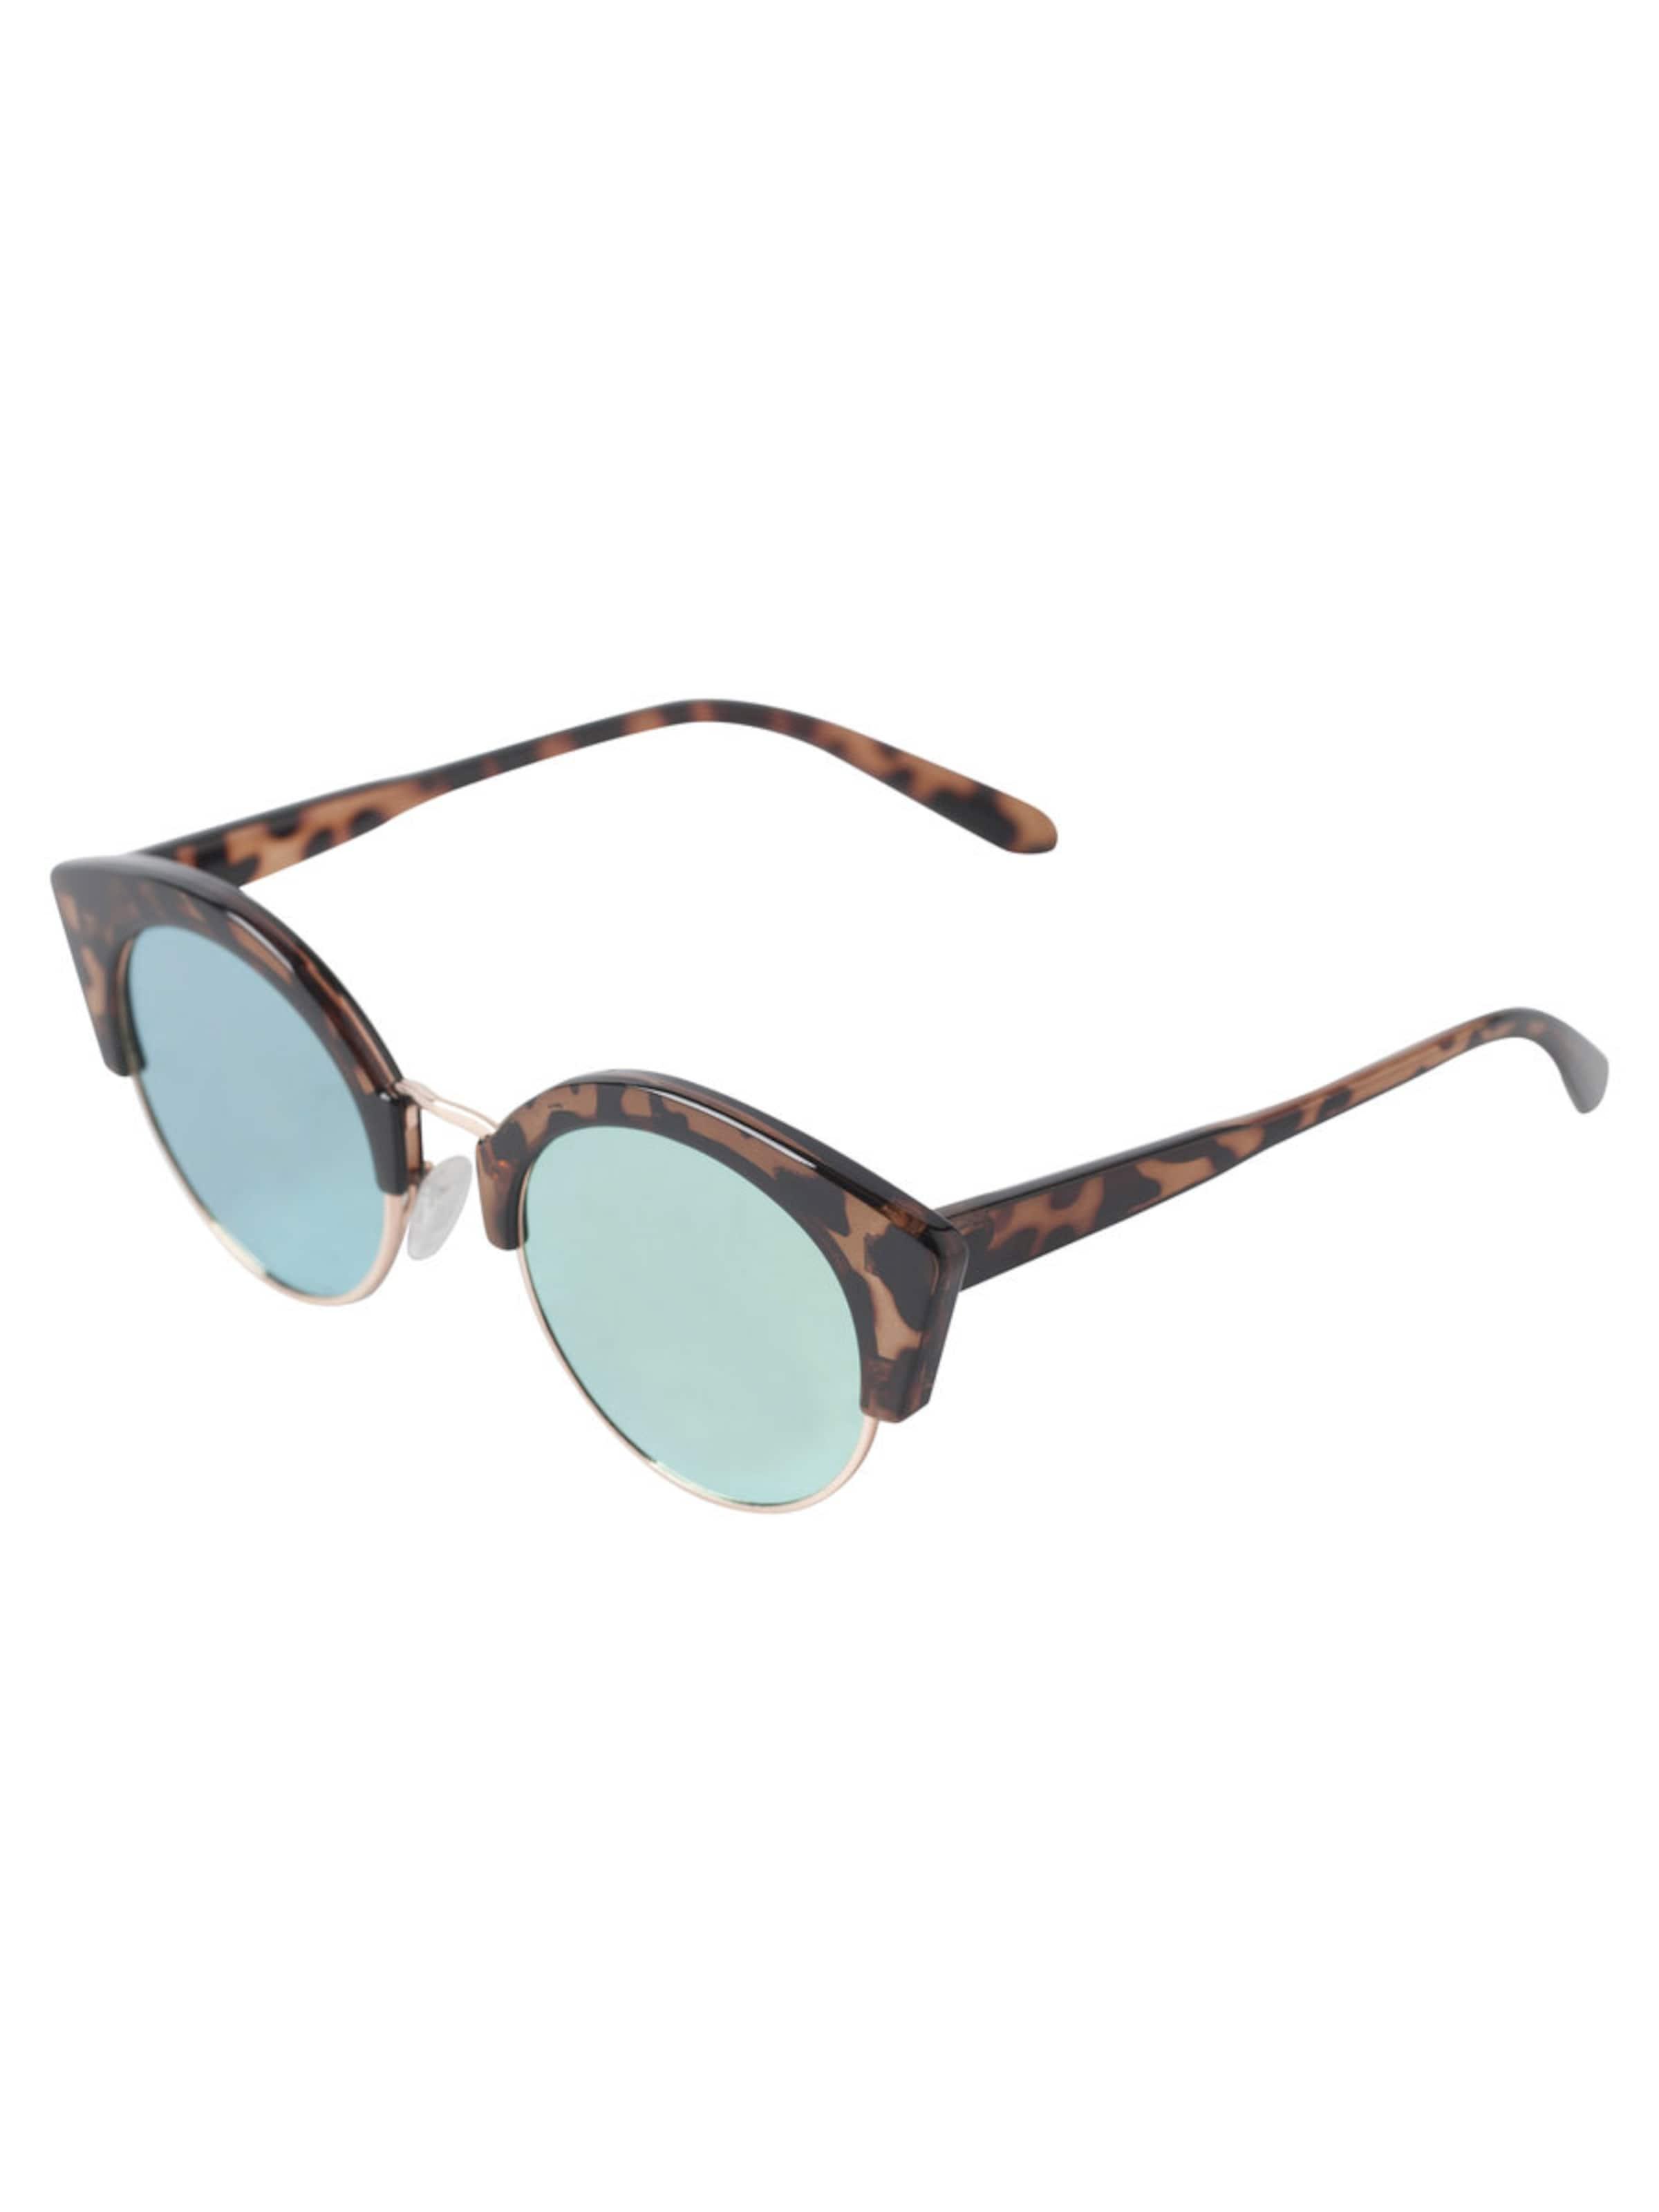 PIECES Modische Sonnenbrille Extrem Online Kaufen Billig Zu Kaufen Ebay Auslass Freies Verschiffen Erkunden Billig Großer Verkauf 9189pEMK